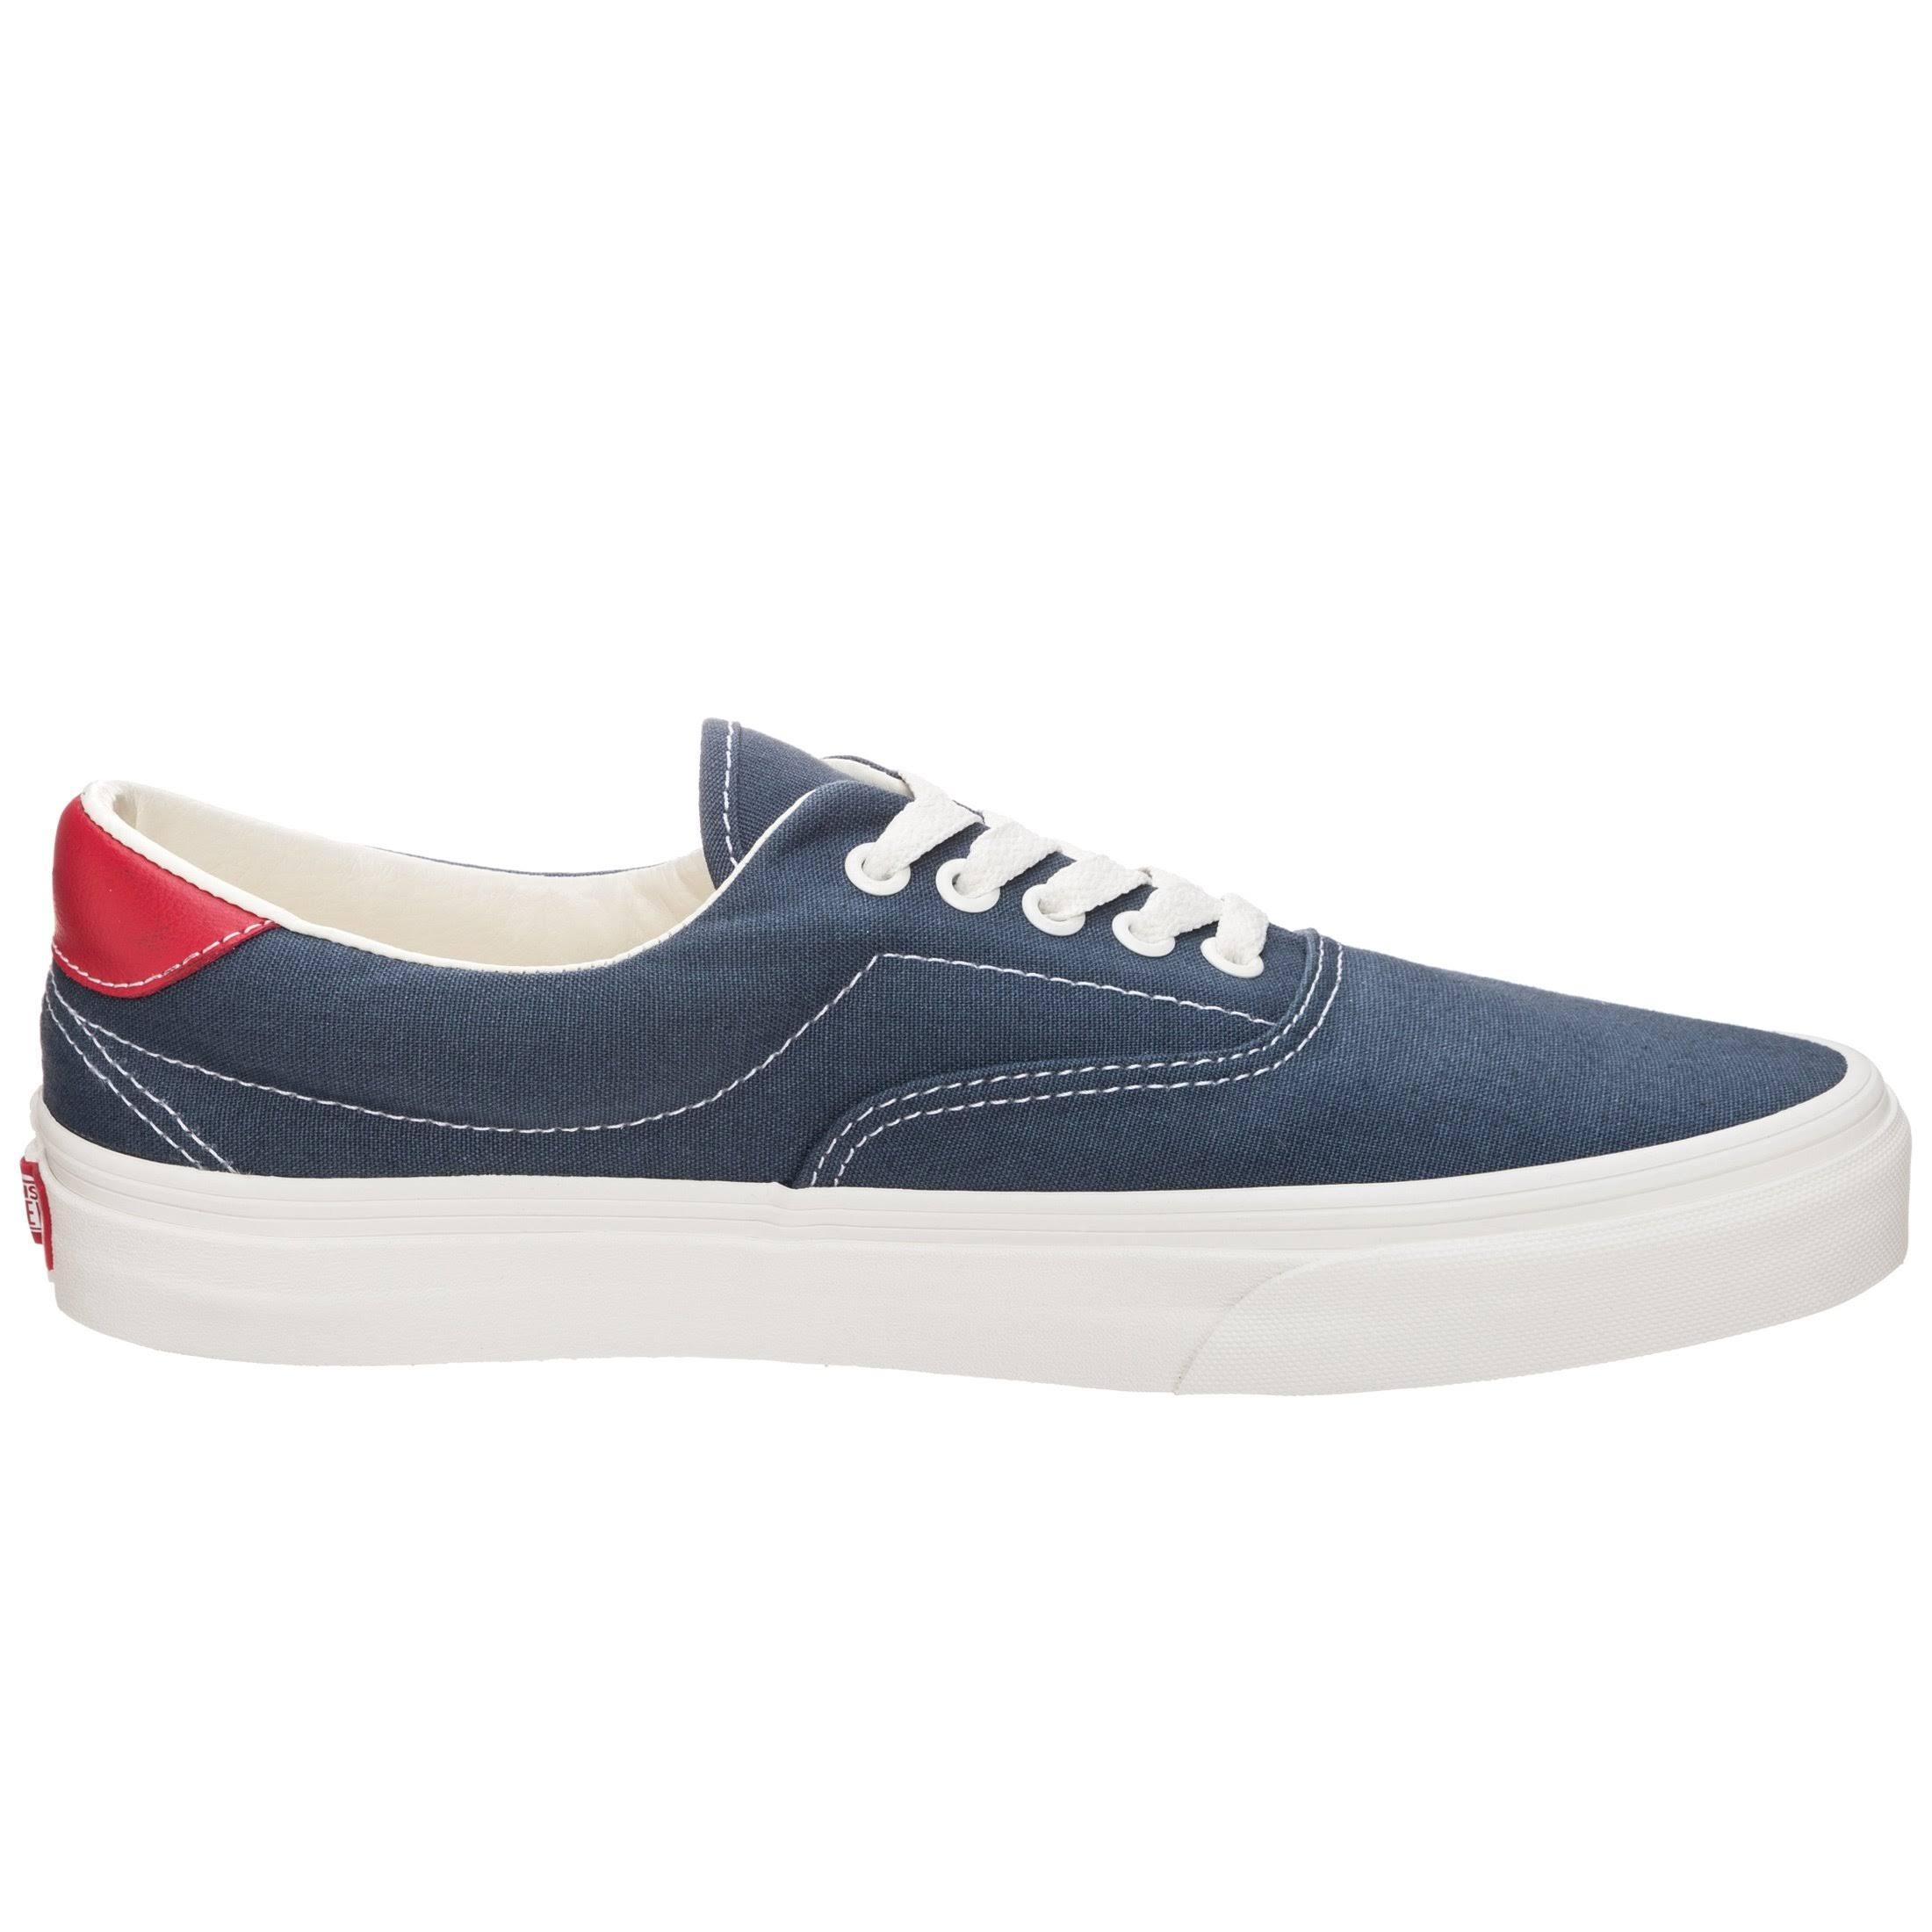 Blauw Vans 40 59Sneakers Maat Era OPZiuTkX